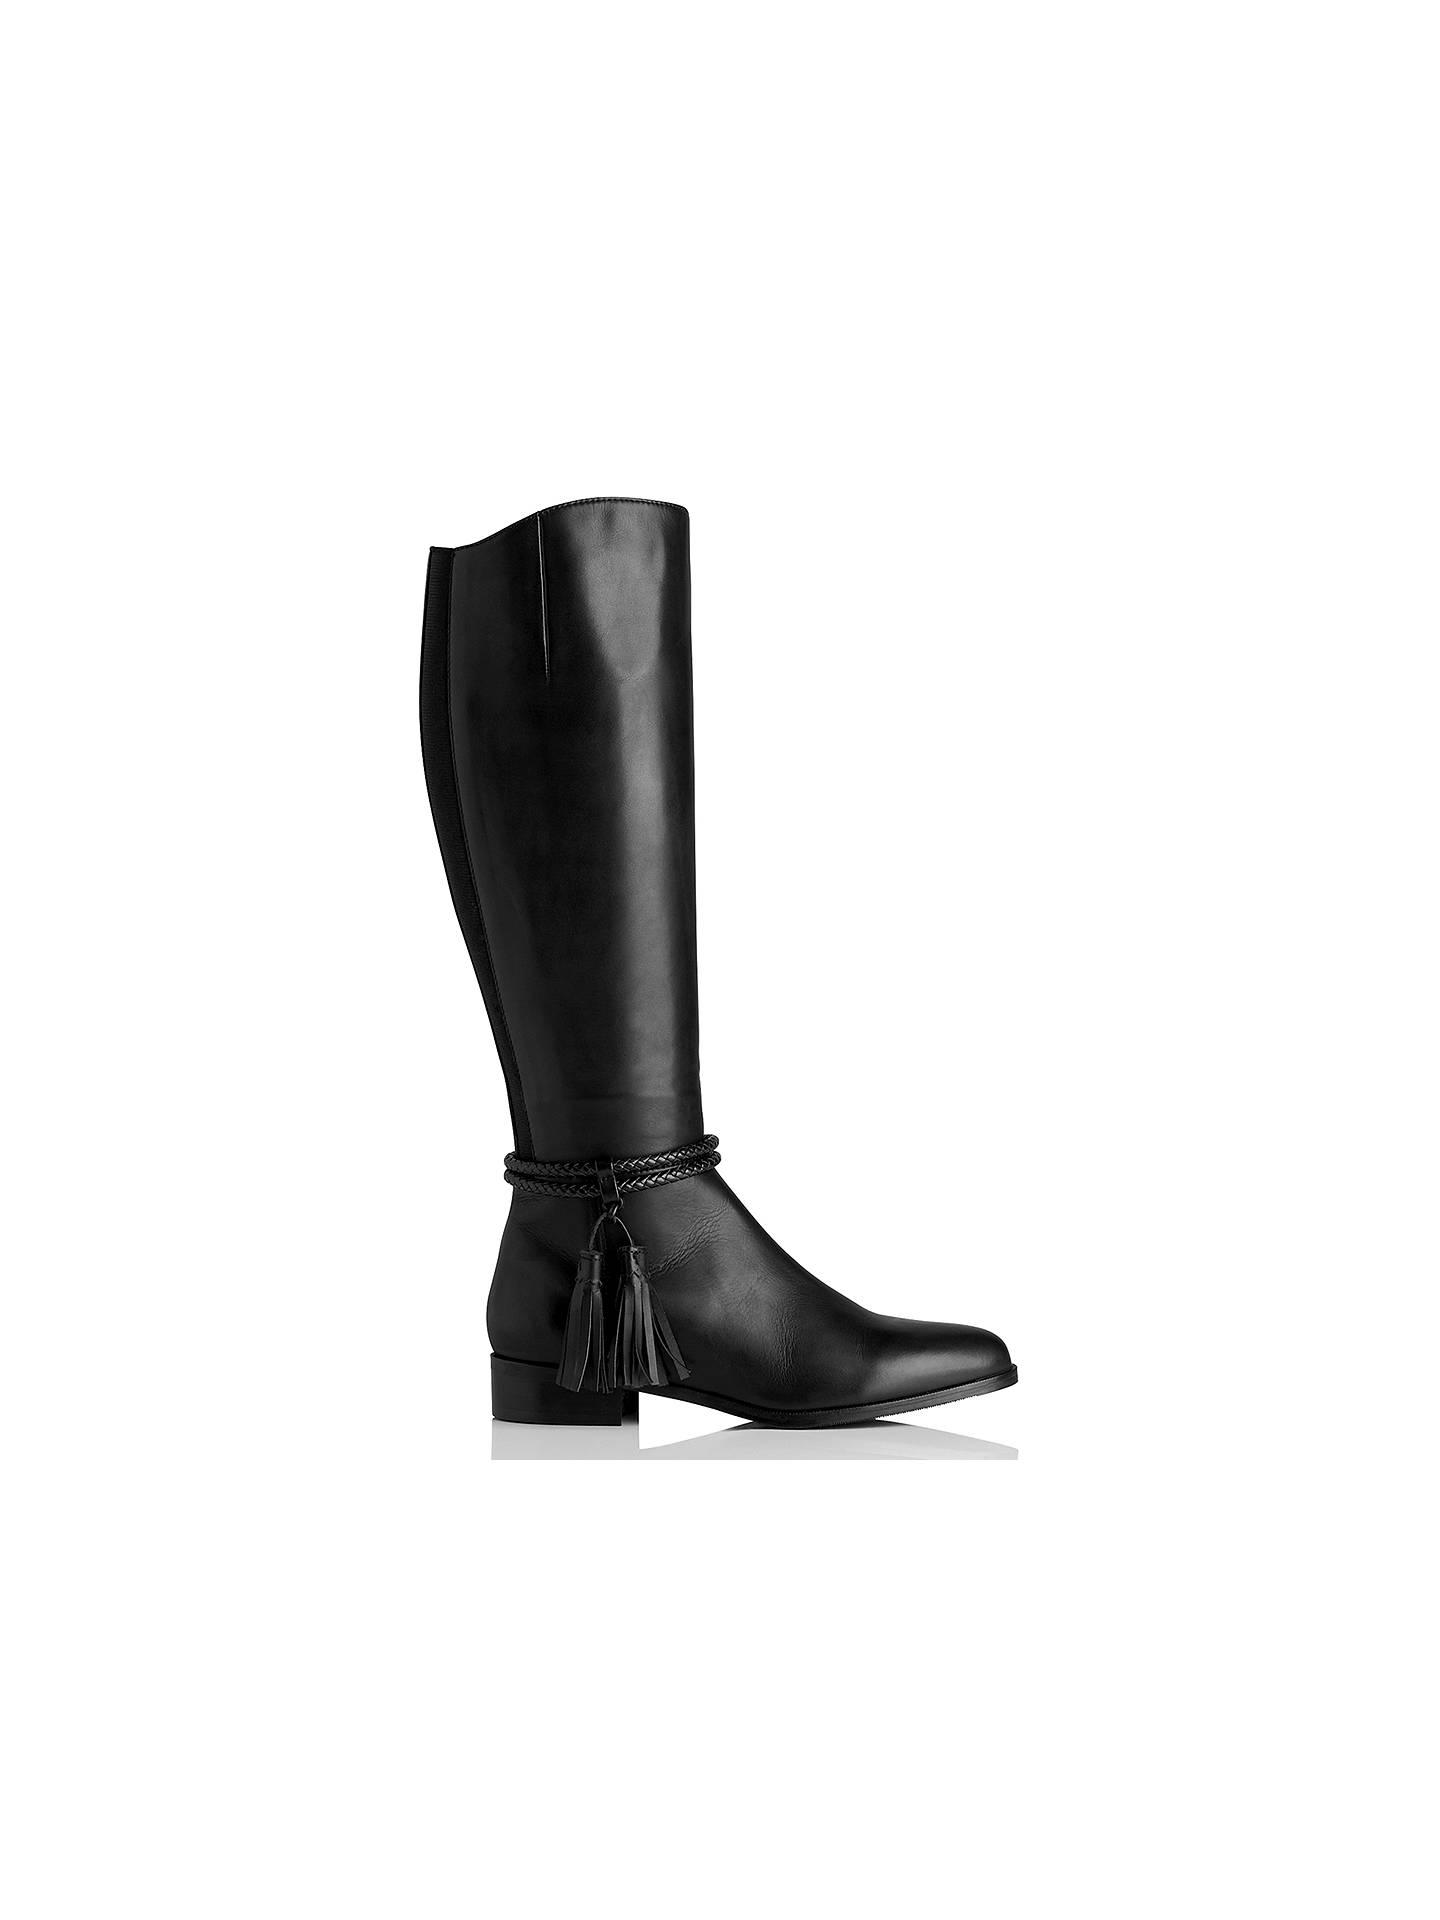 897b22490cab ... Buy L.K. Bennett Celine Knee High Boots, Black, 2 Online at  johnlewis.com ...